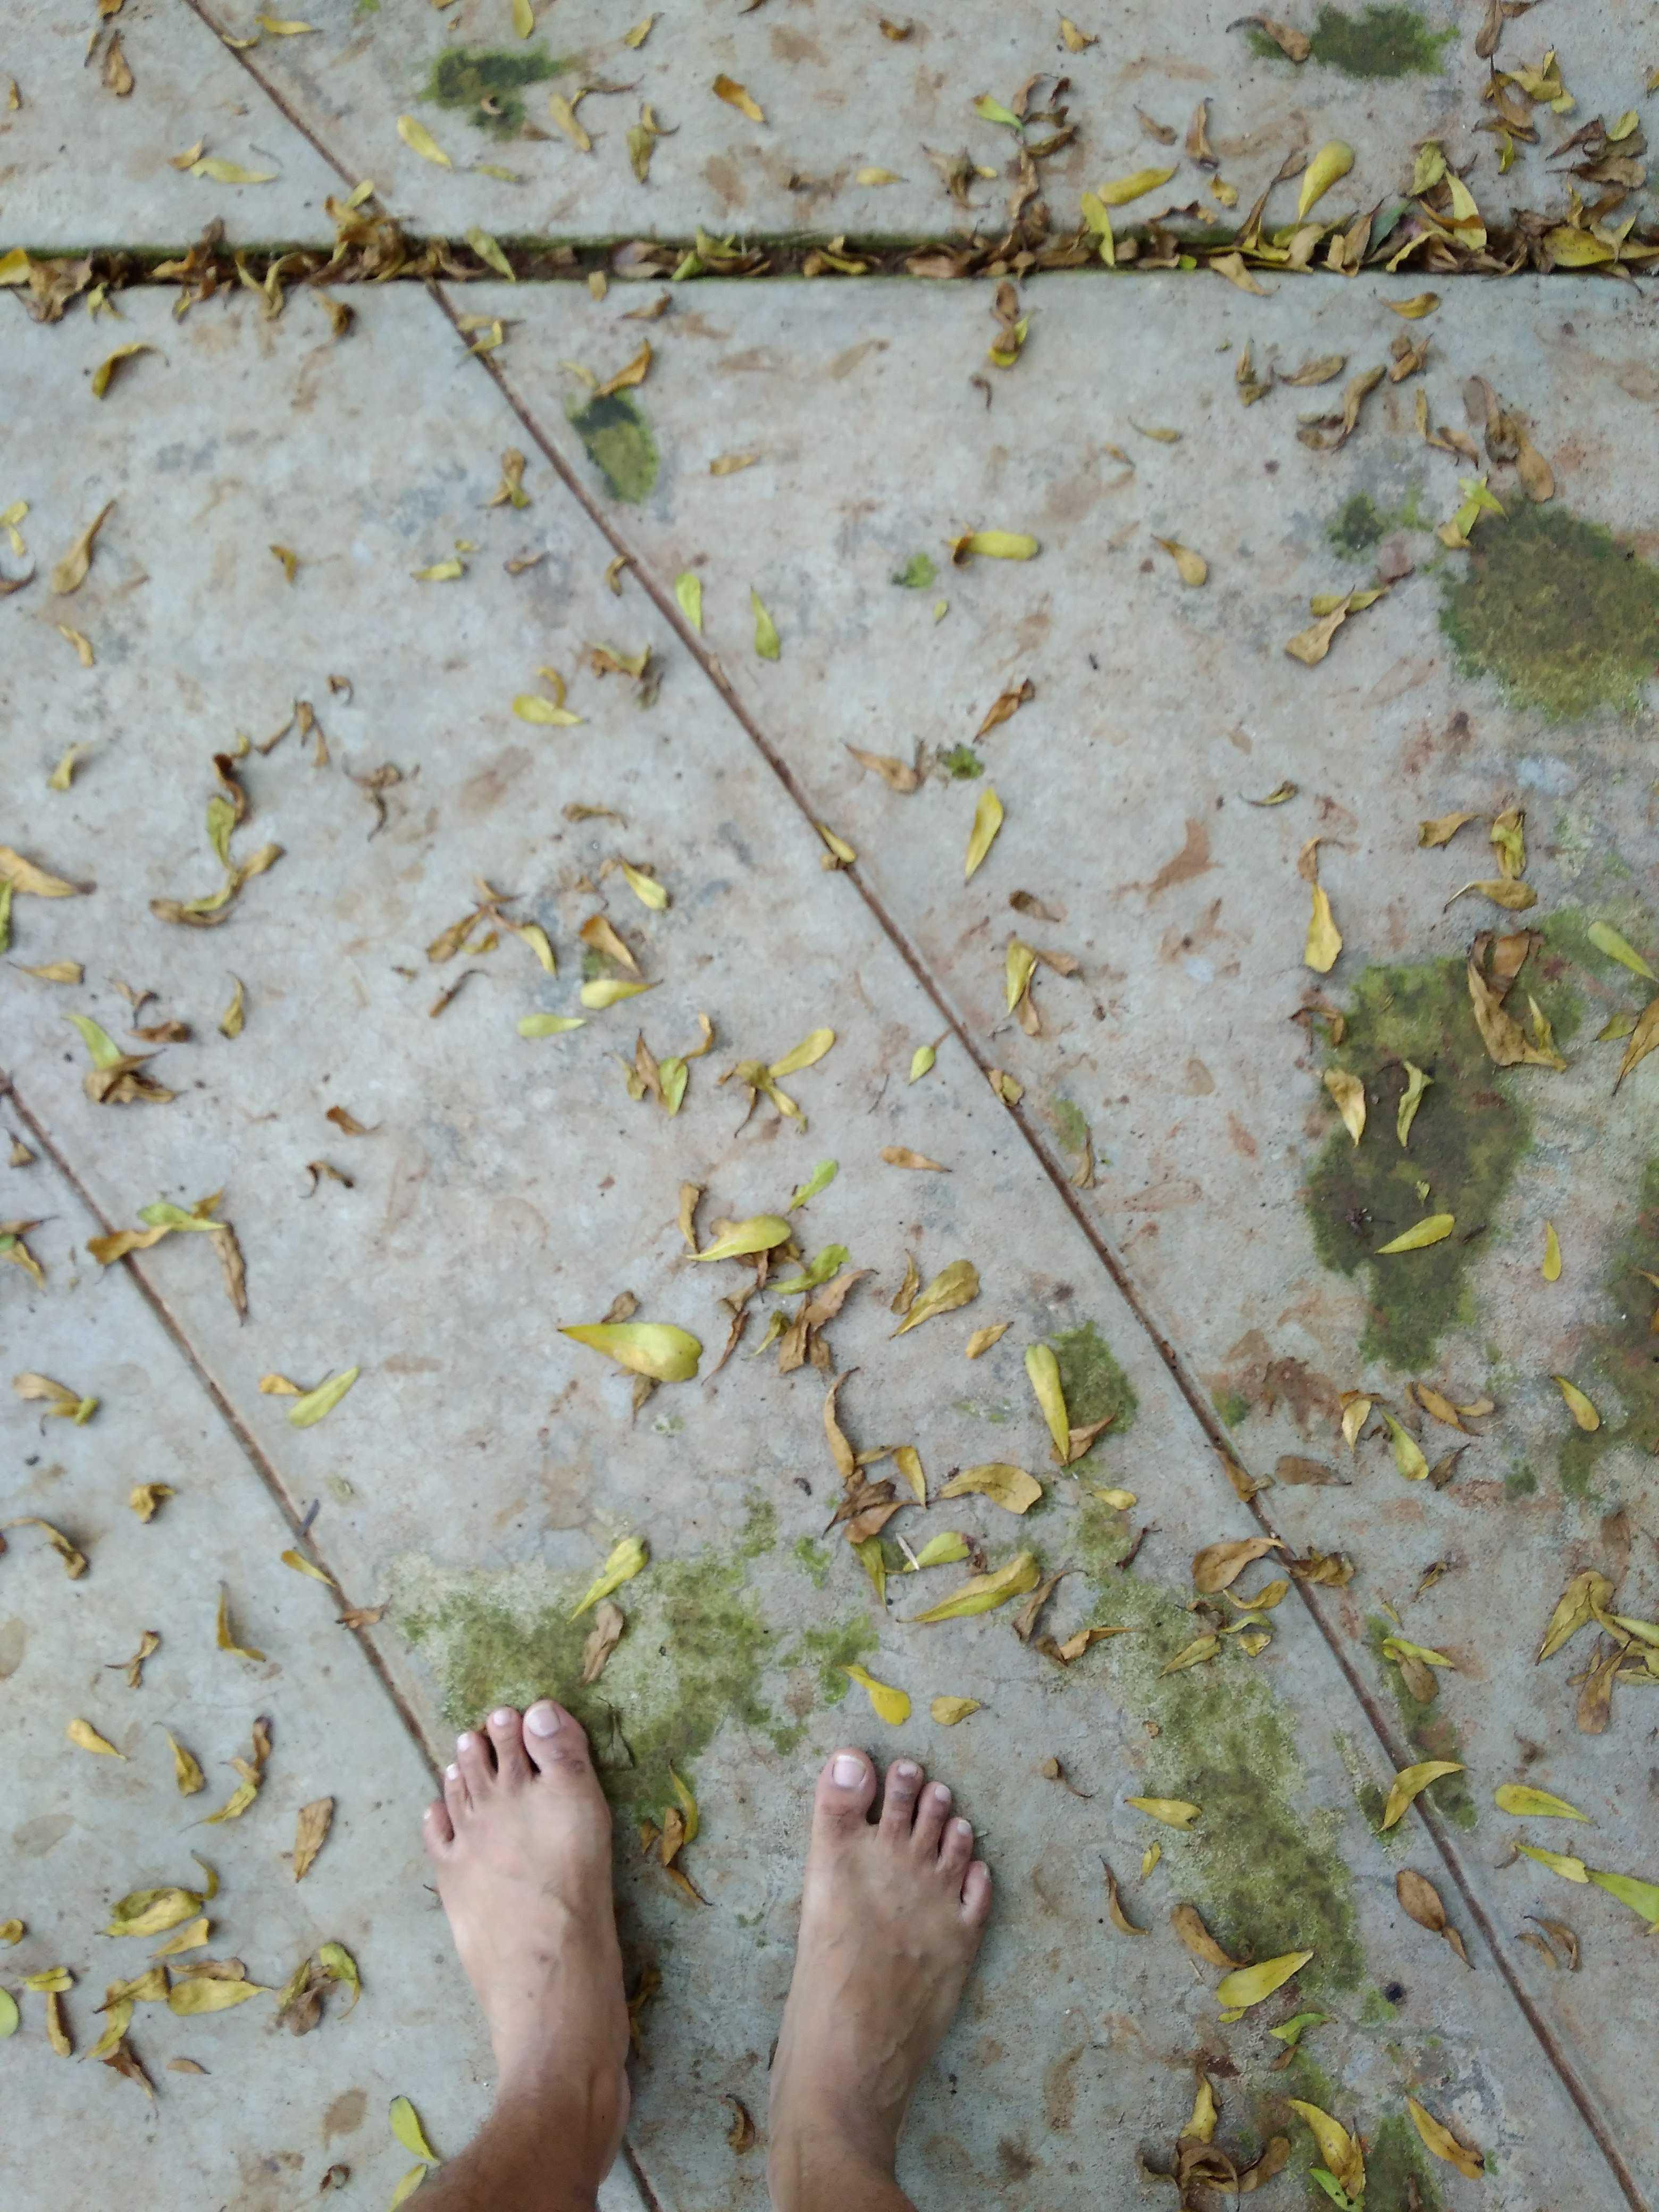 Berjalan tanpa alas kaki sebagai hobi: mengapa bertelanjang kaki berjalan begitu sehat